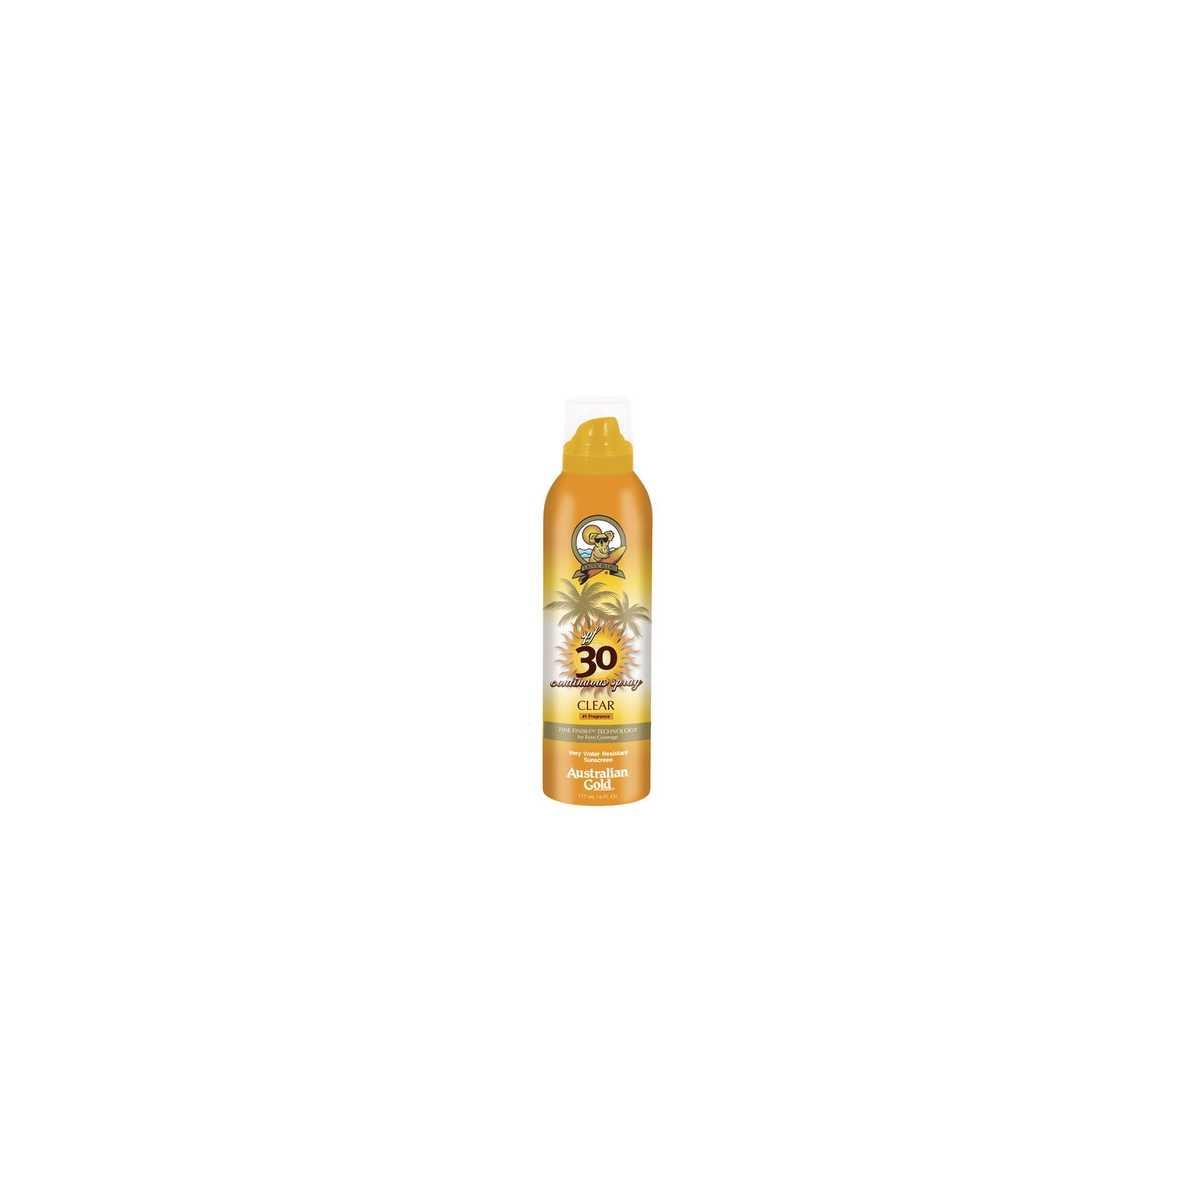 Australian Gold - Premium Coverage SPF 30 Cont Spray